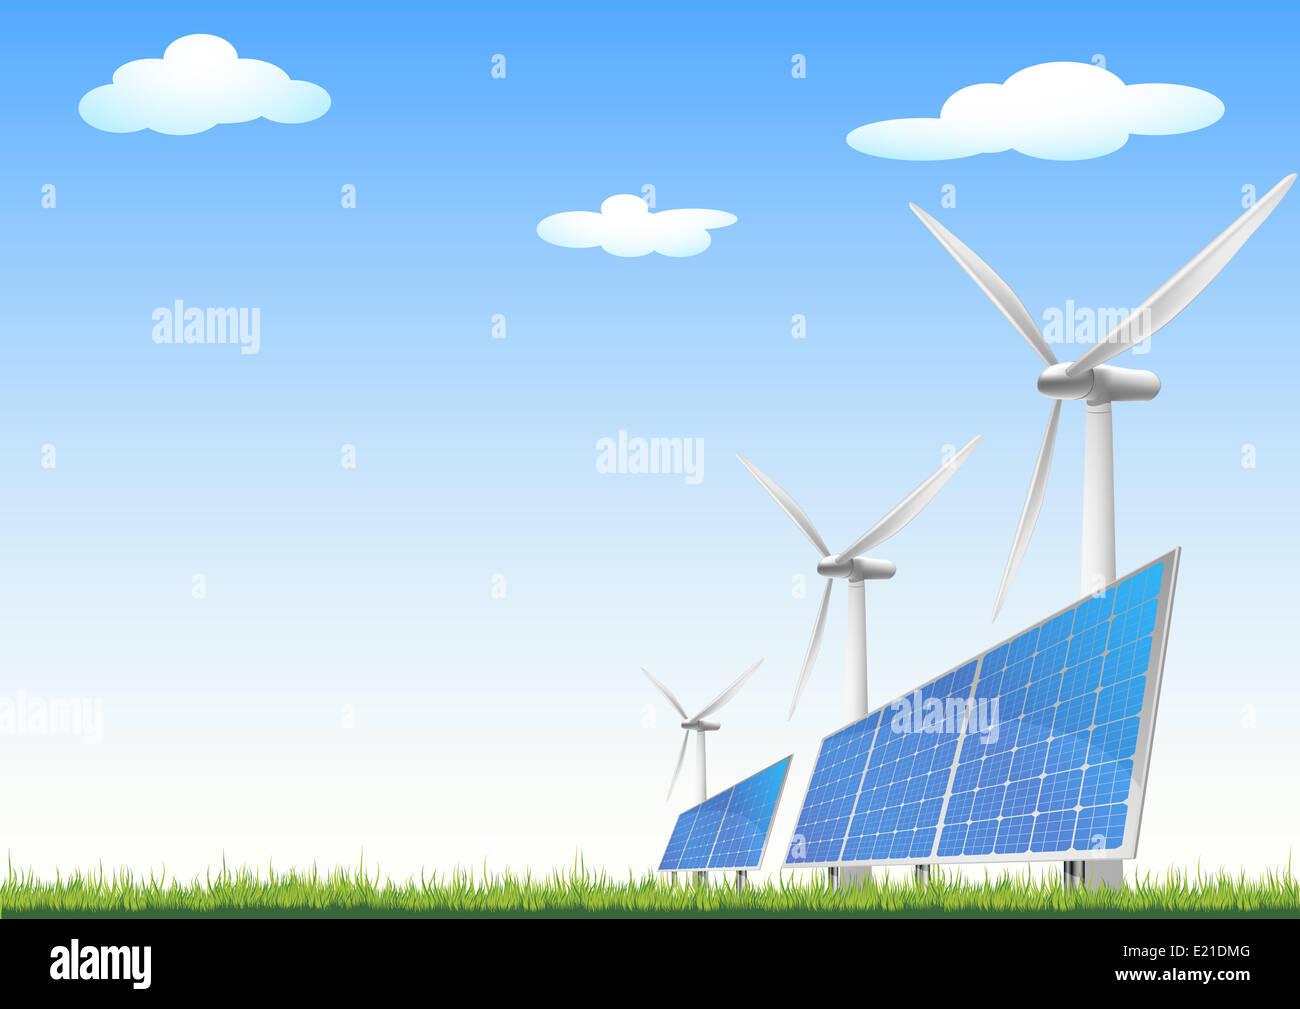 Solarzellen_04 - Stock Image